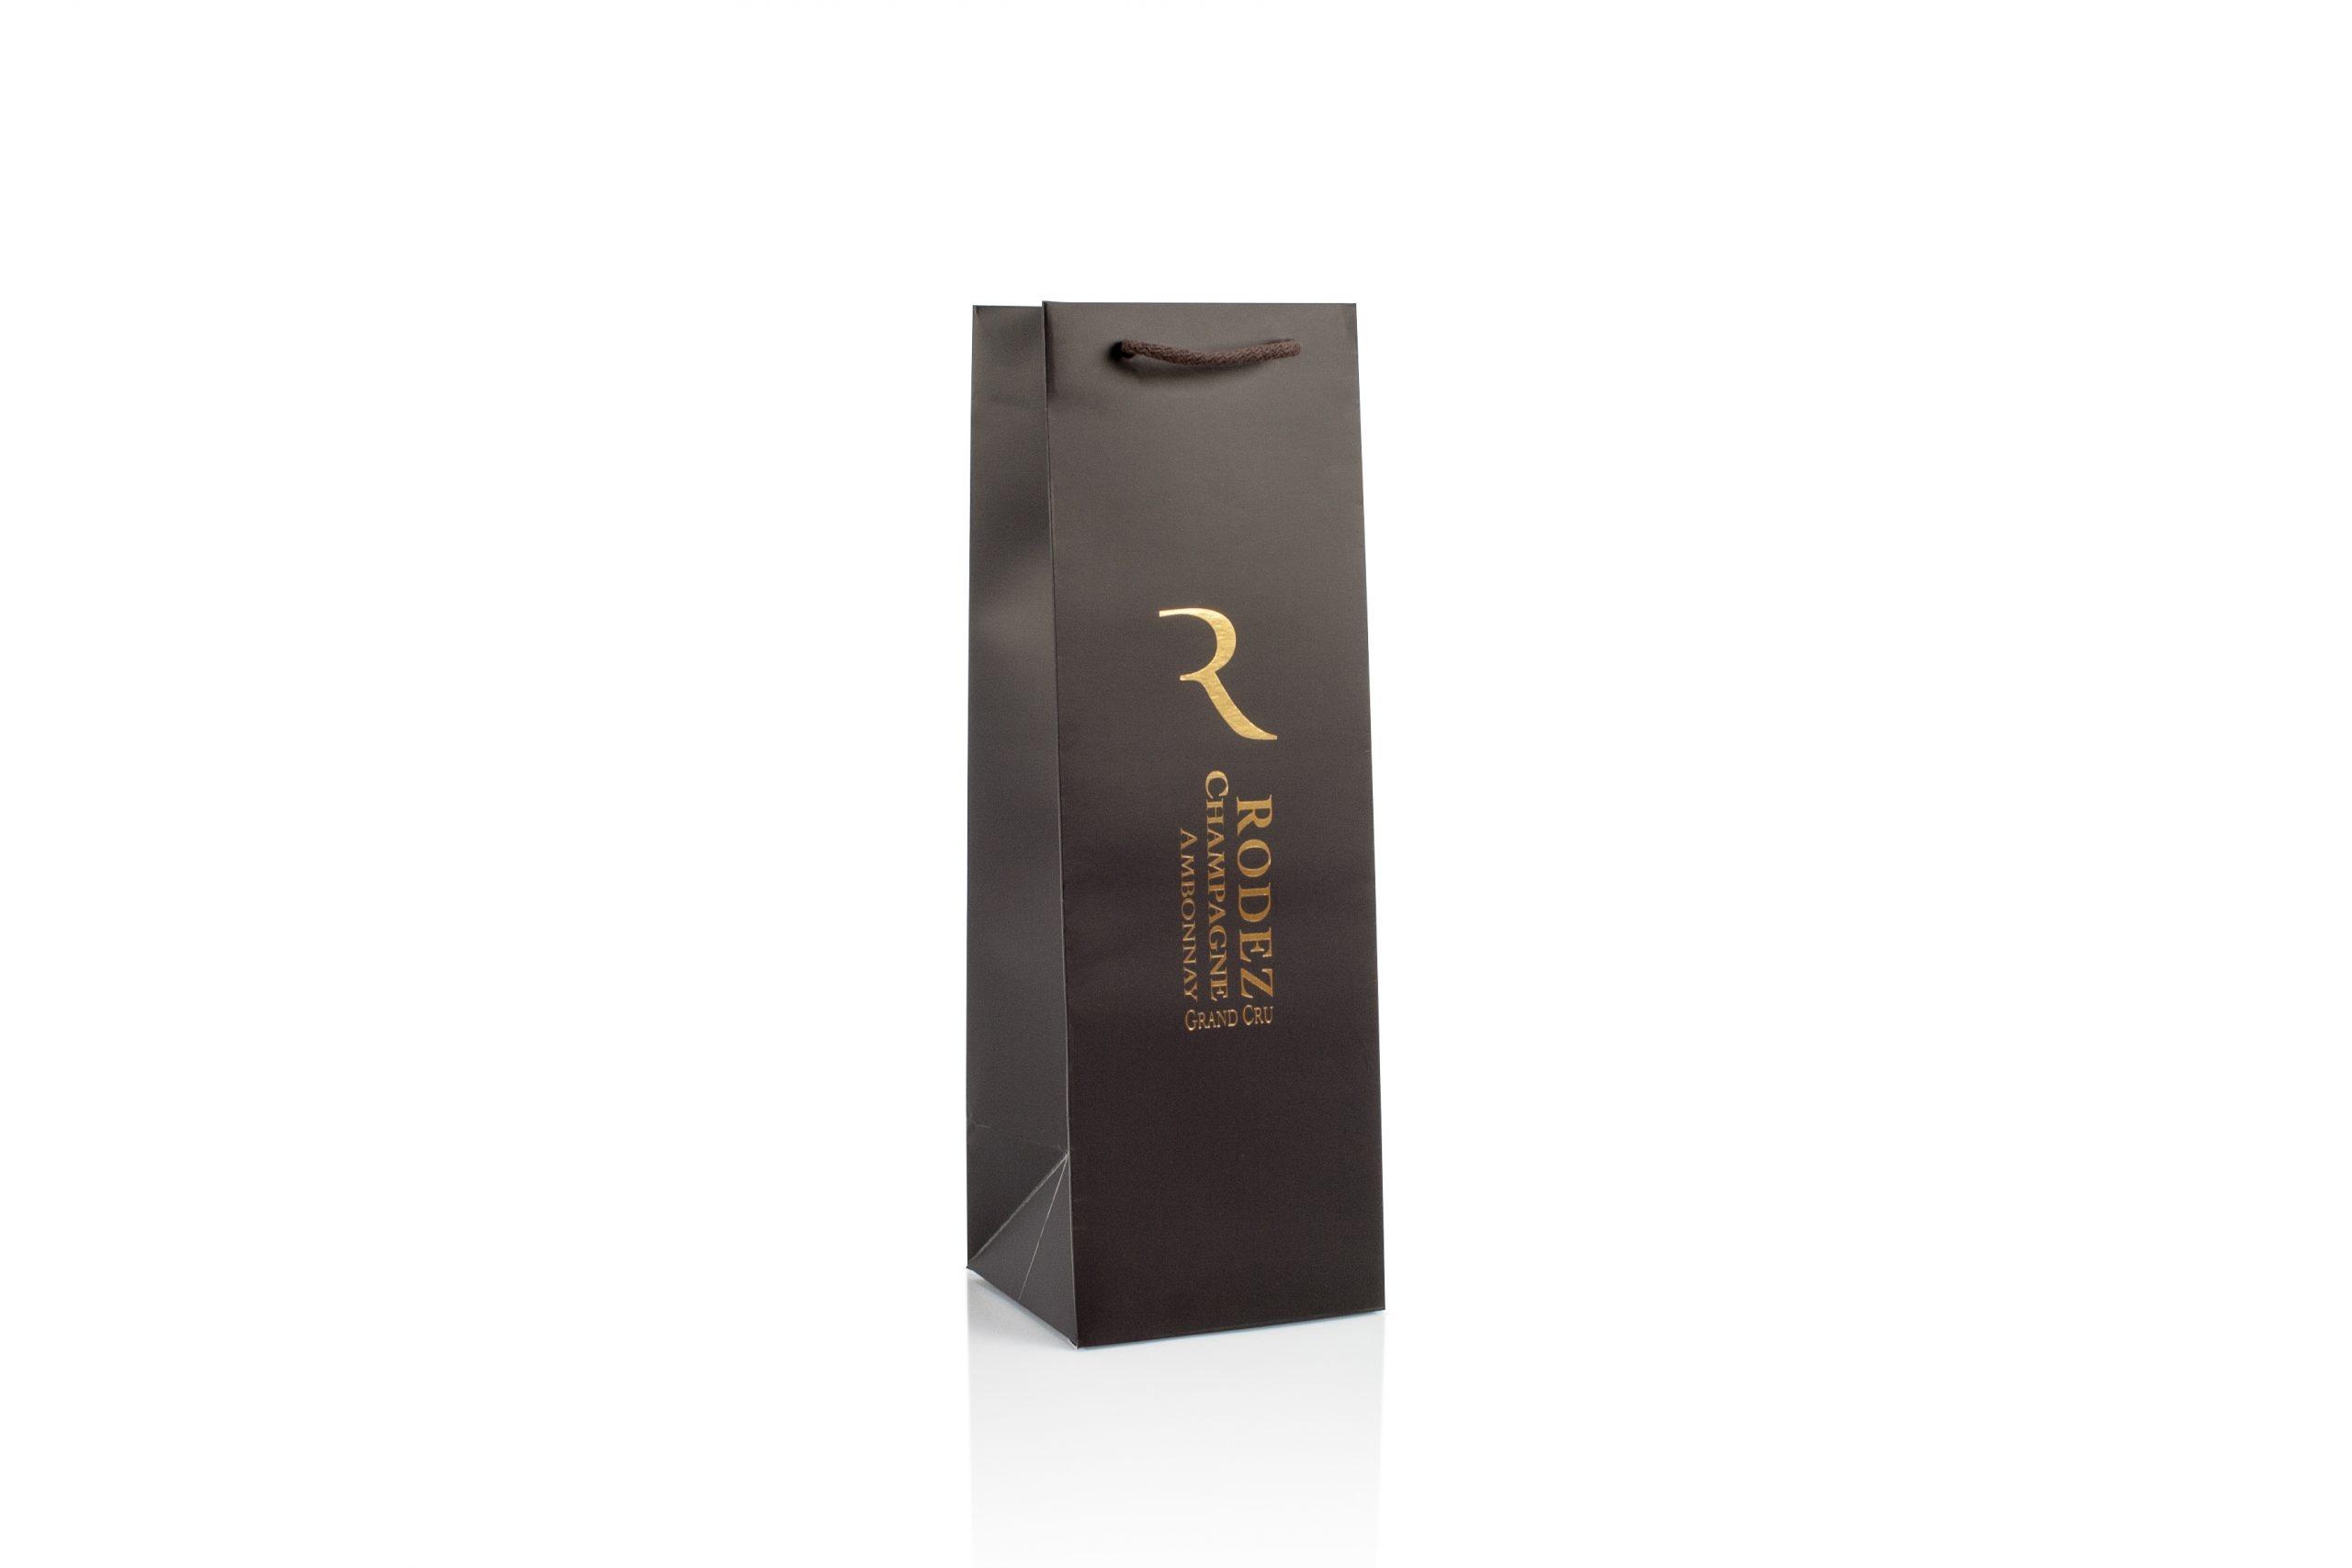 Wijnverpakking met logo in gouddruk